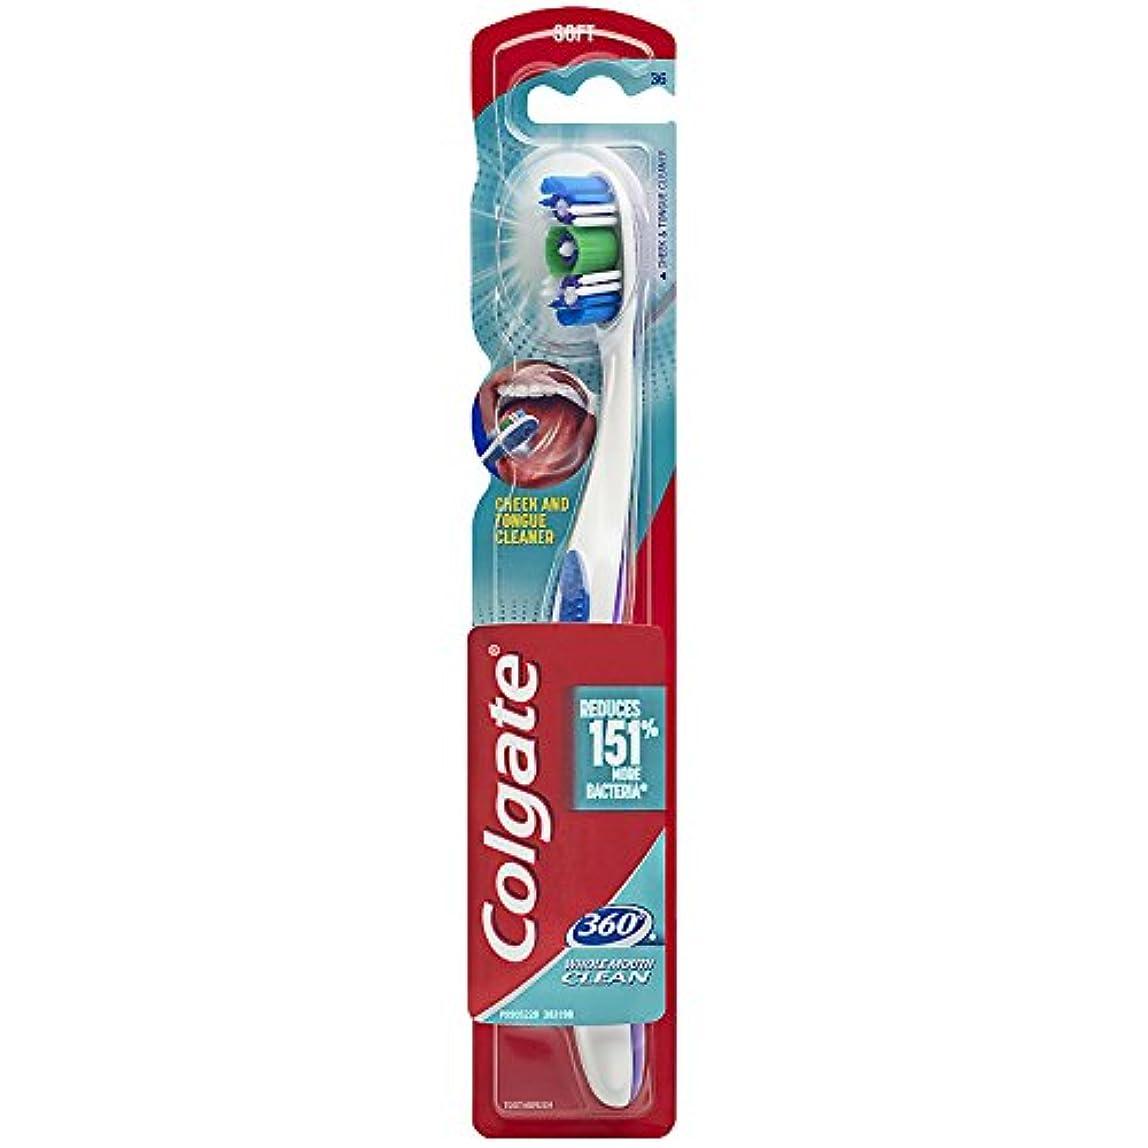 製品固めるメディアColgate 舌と頬クリーナーで360歯ブラシ - ソフト(1パック)